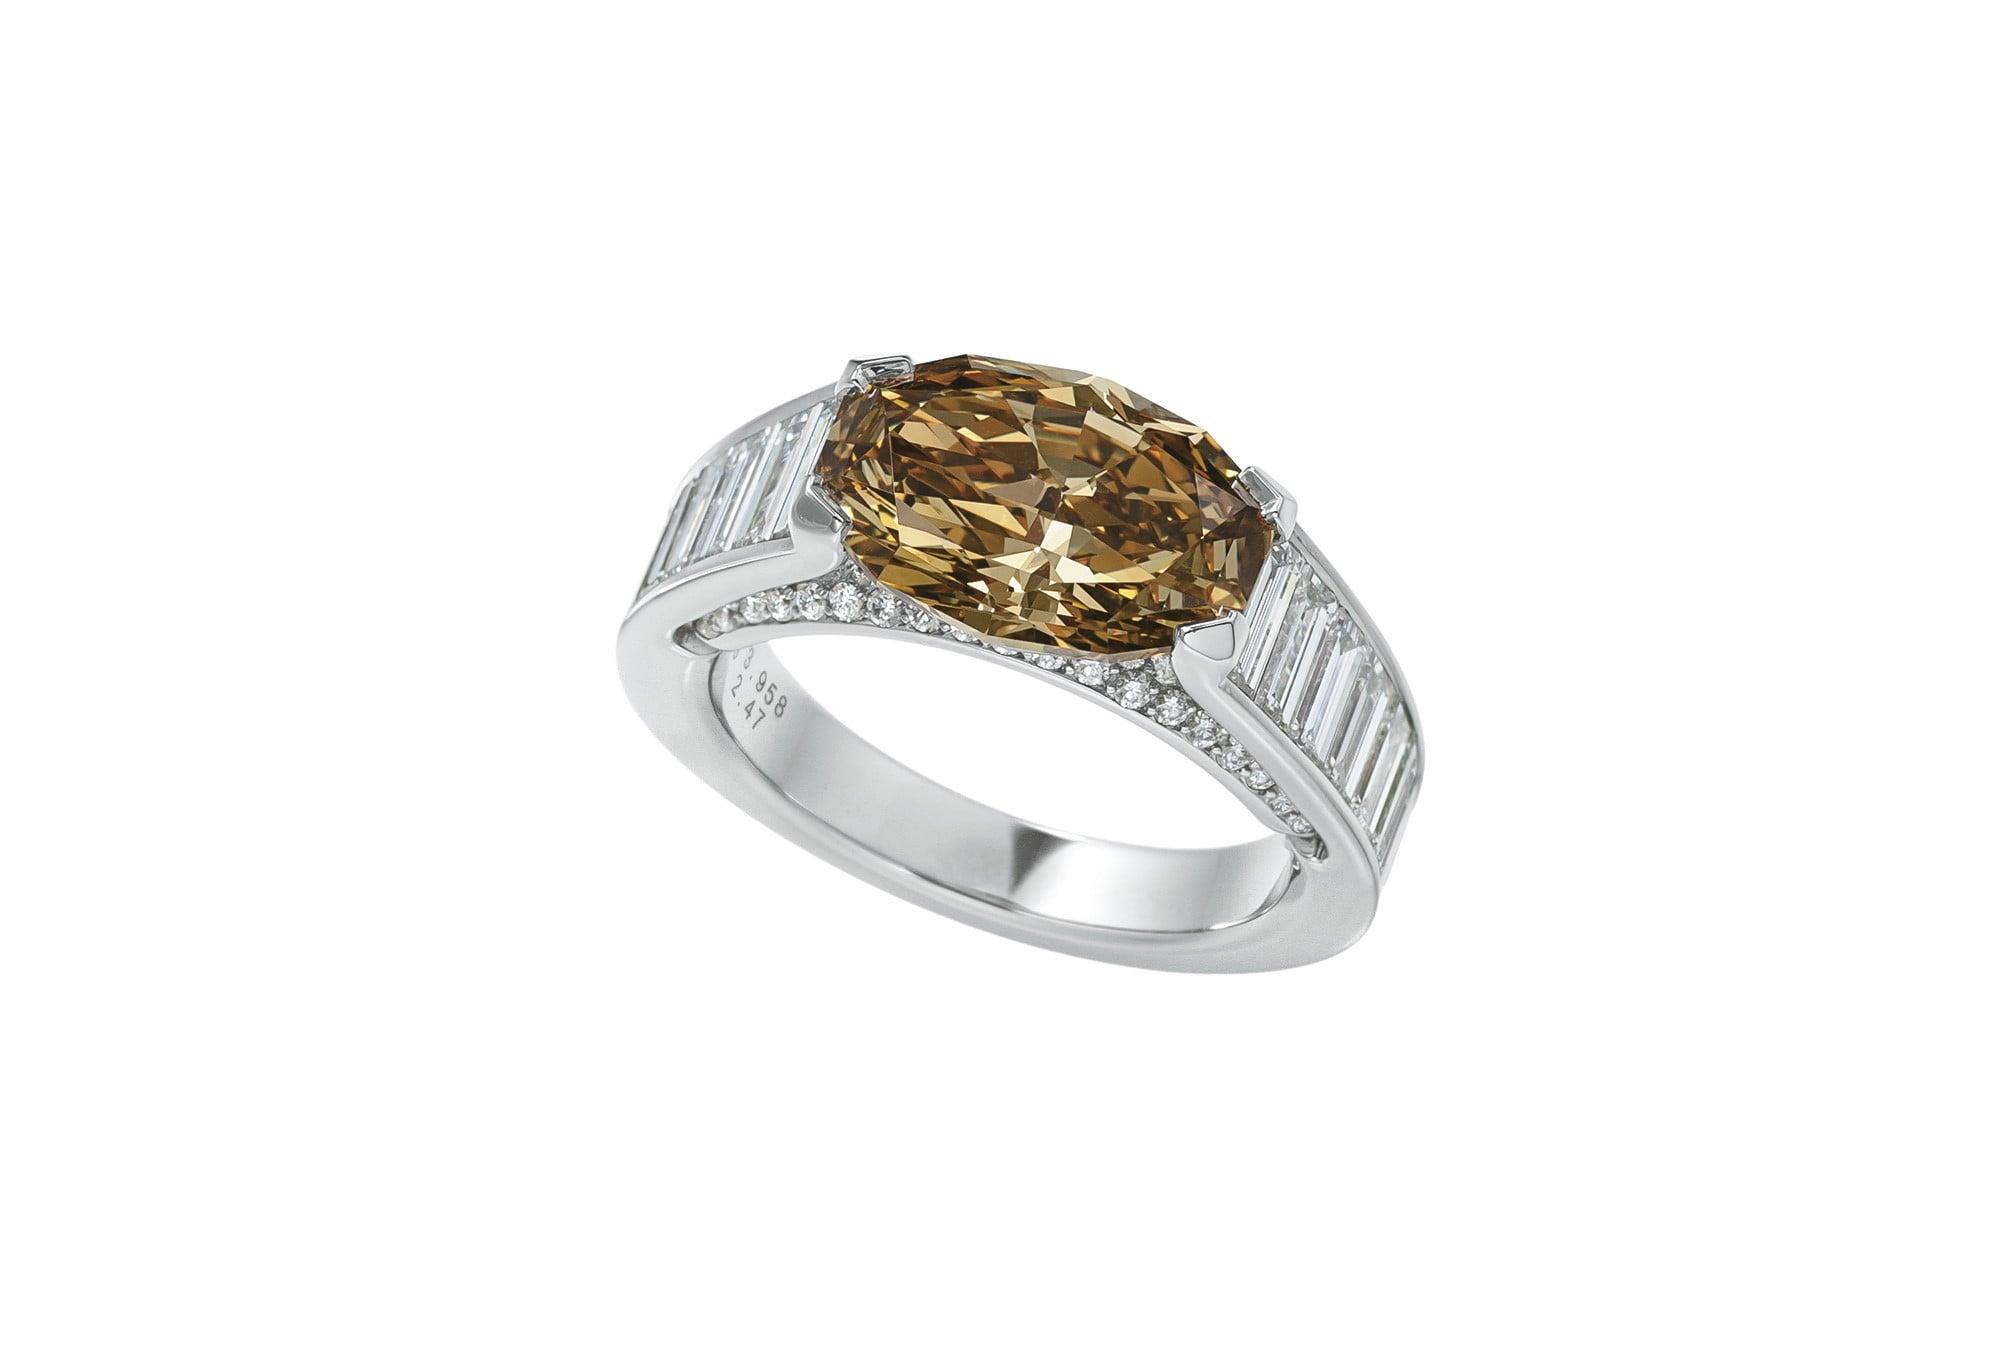 センターストーンには珍しいオクタゴンオーバルダイヤモンド、二段のアーチにはテーパーダ イヤモンドとパヴェセッティングという、贅沢なリング。